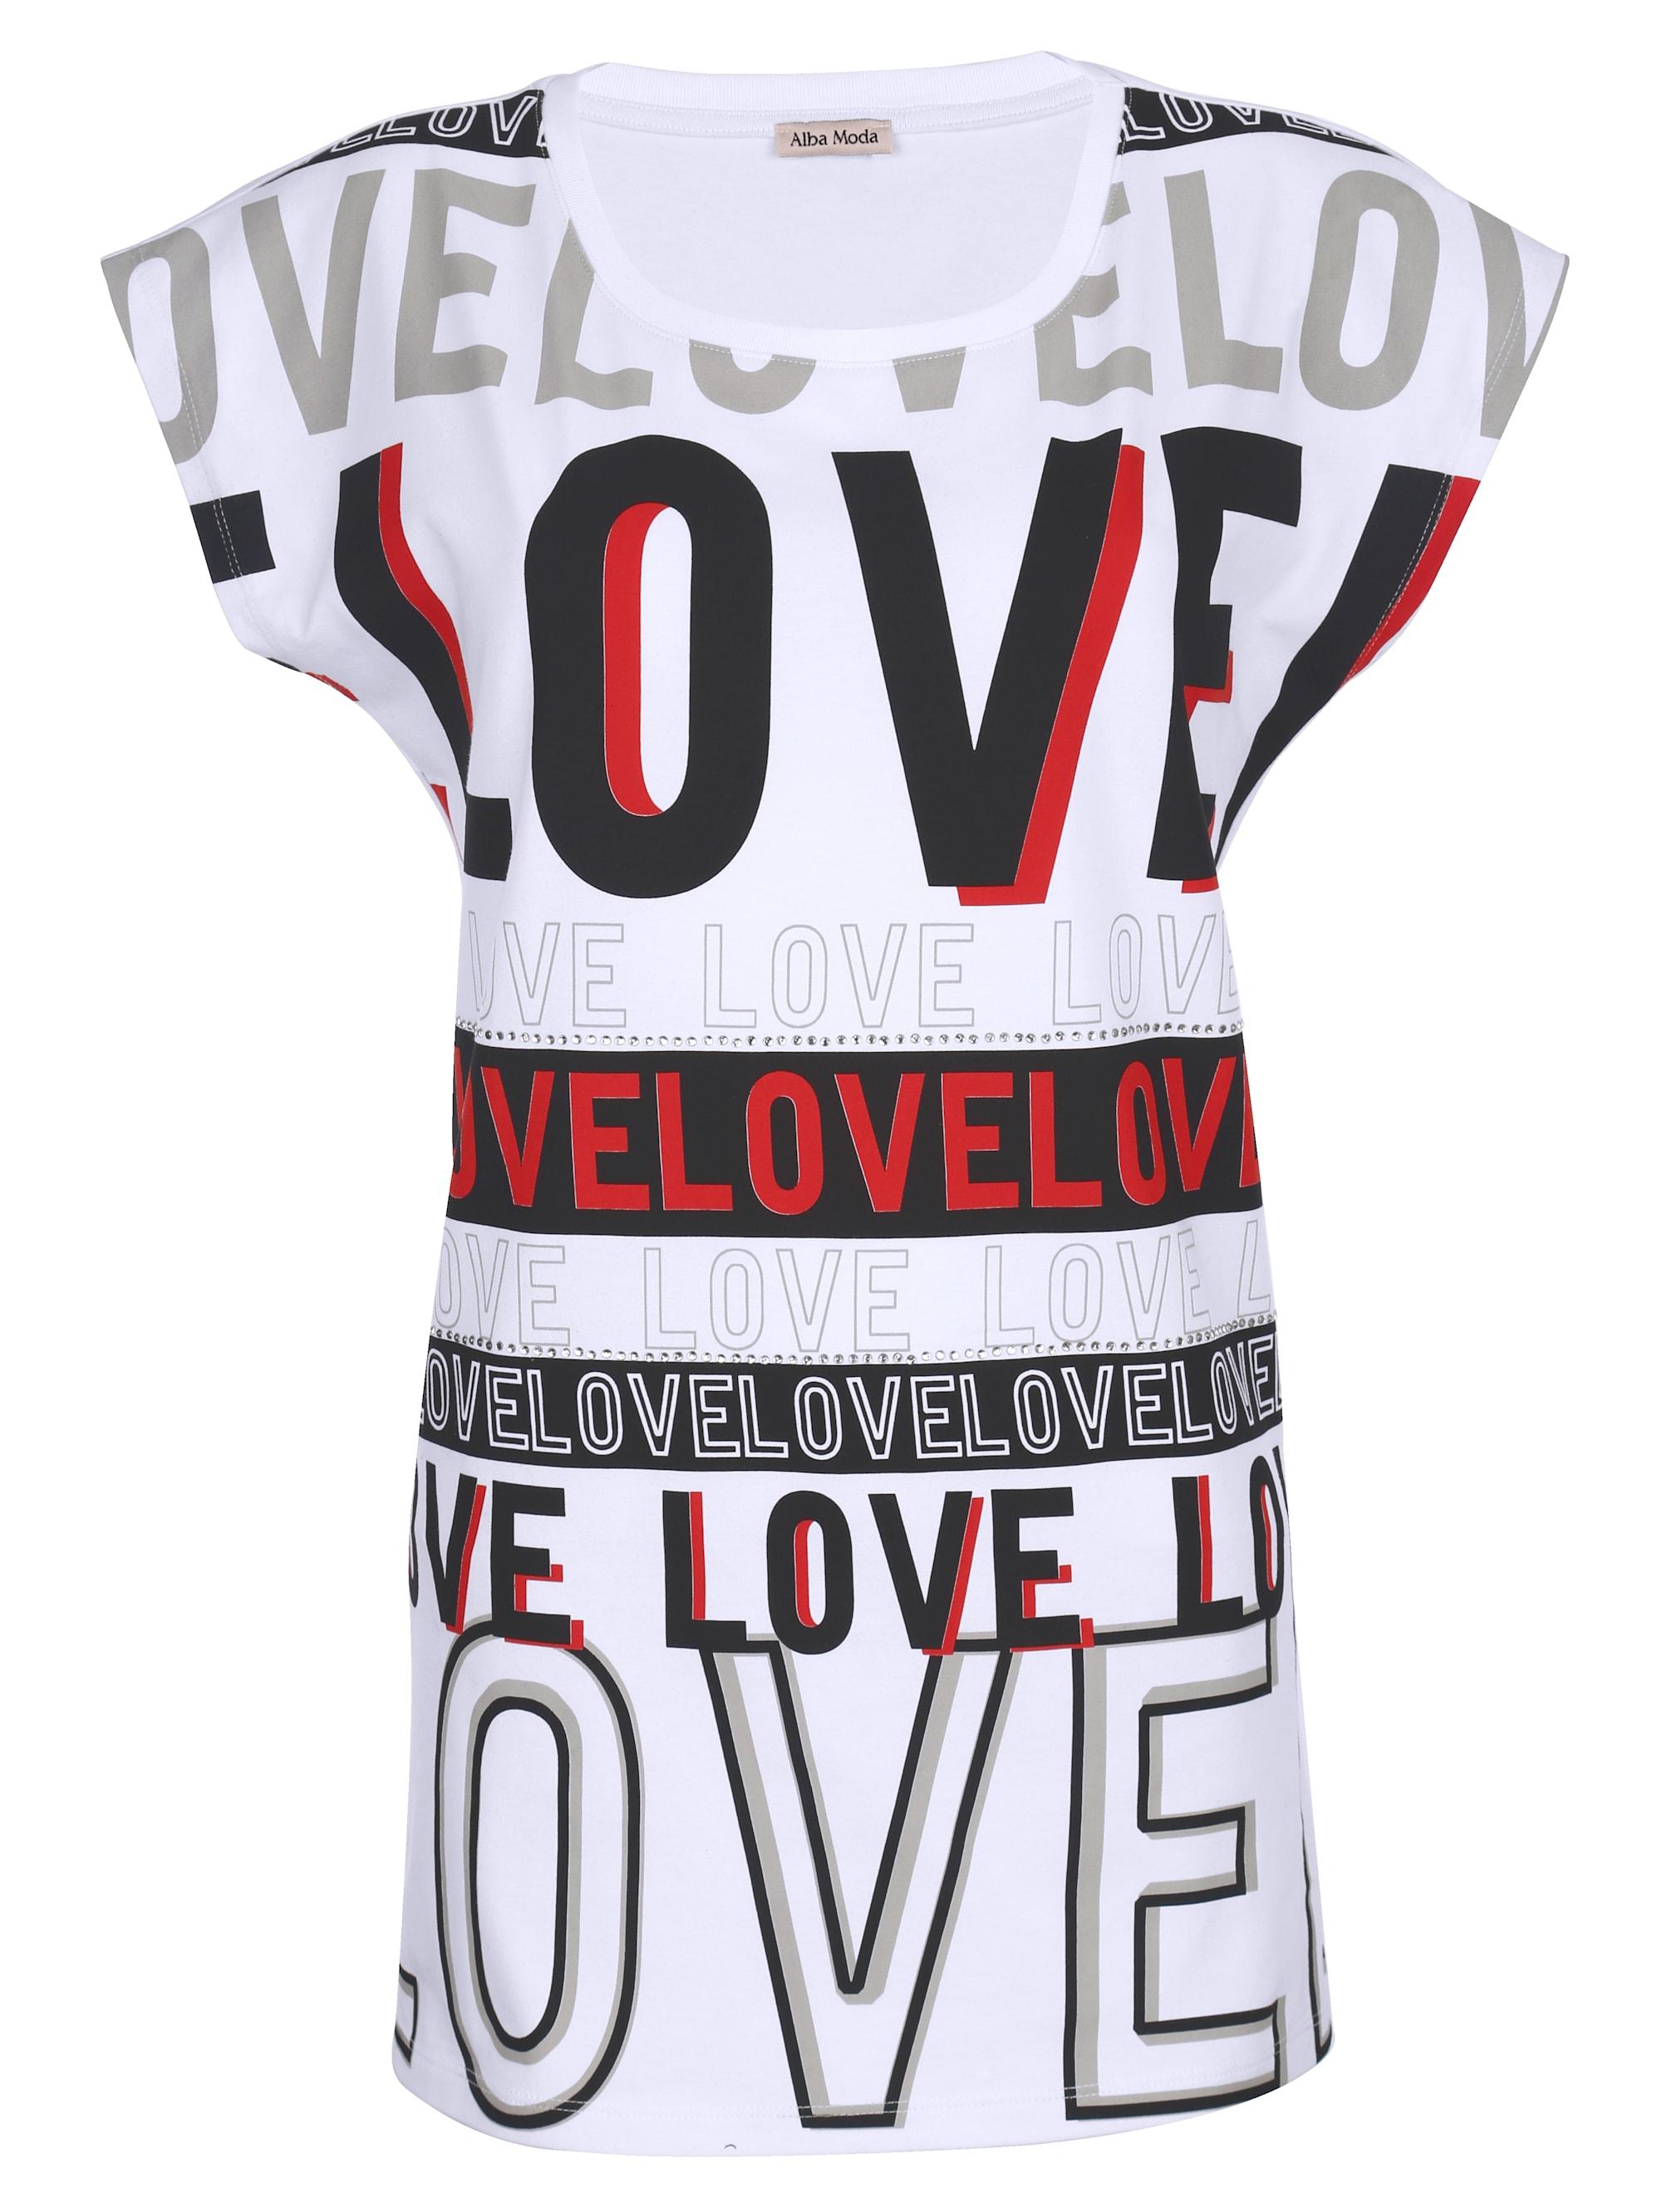 Alba Moda Strandshirt mit dekorativem Schriftdruck 0oif8 d0rvq